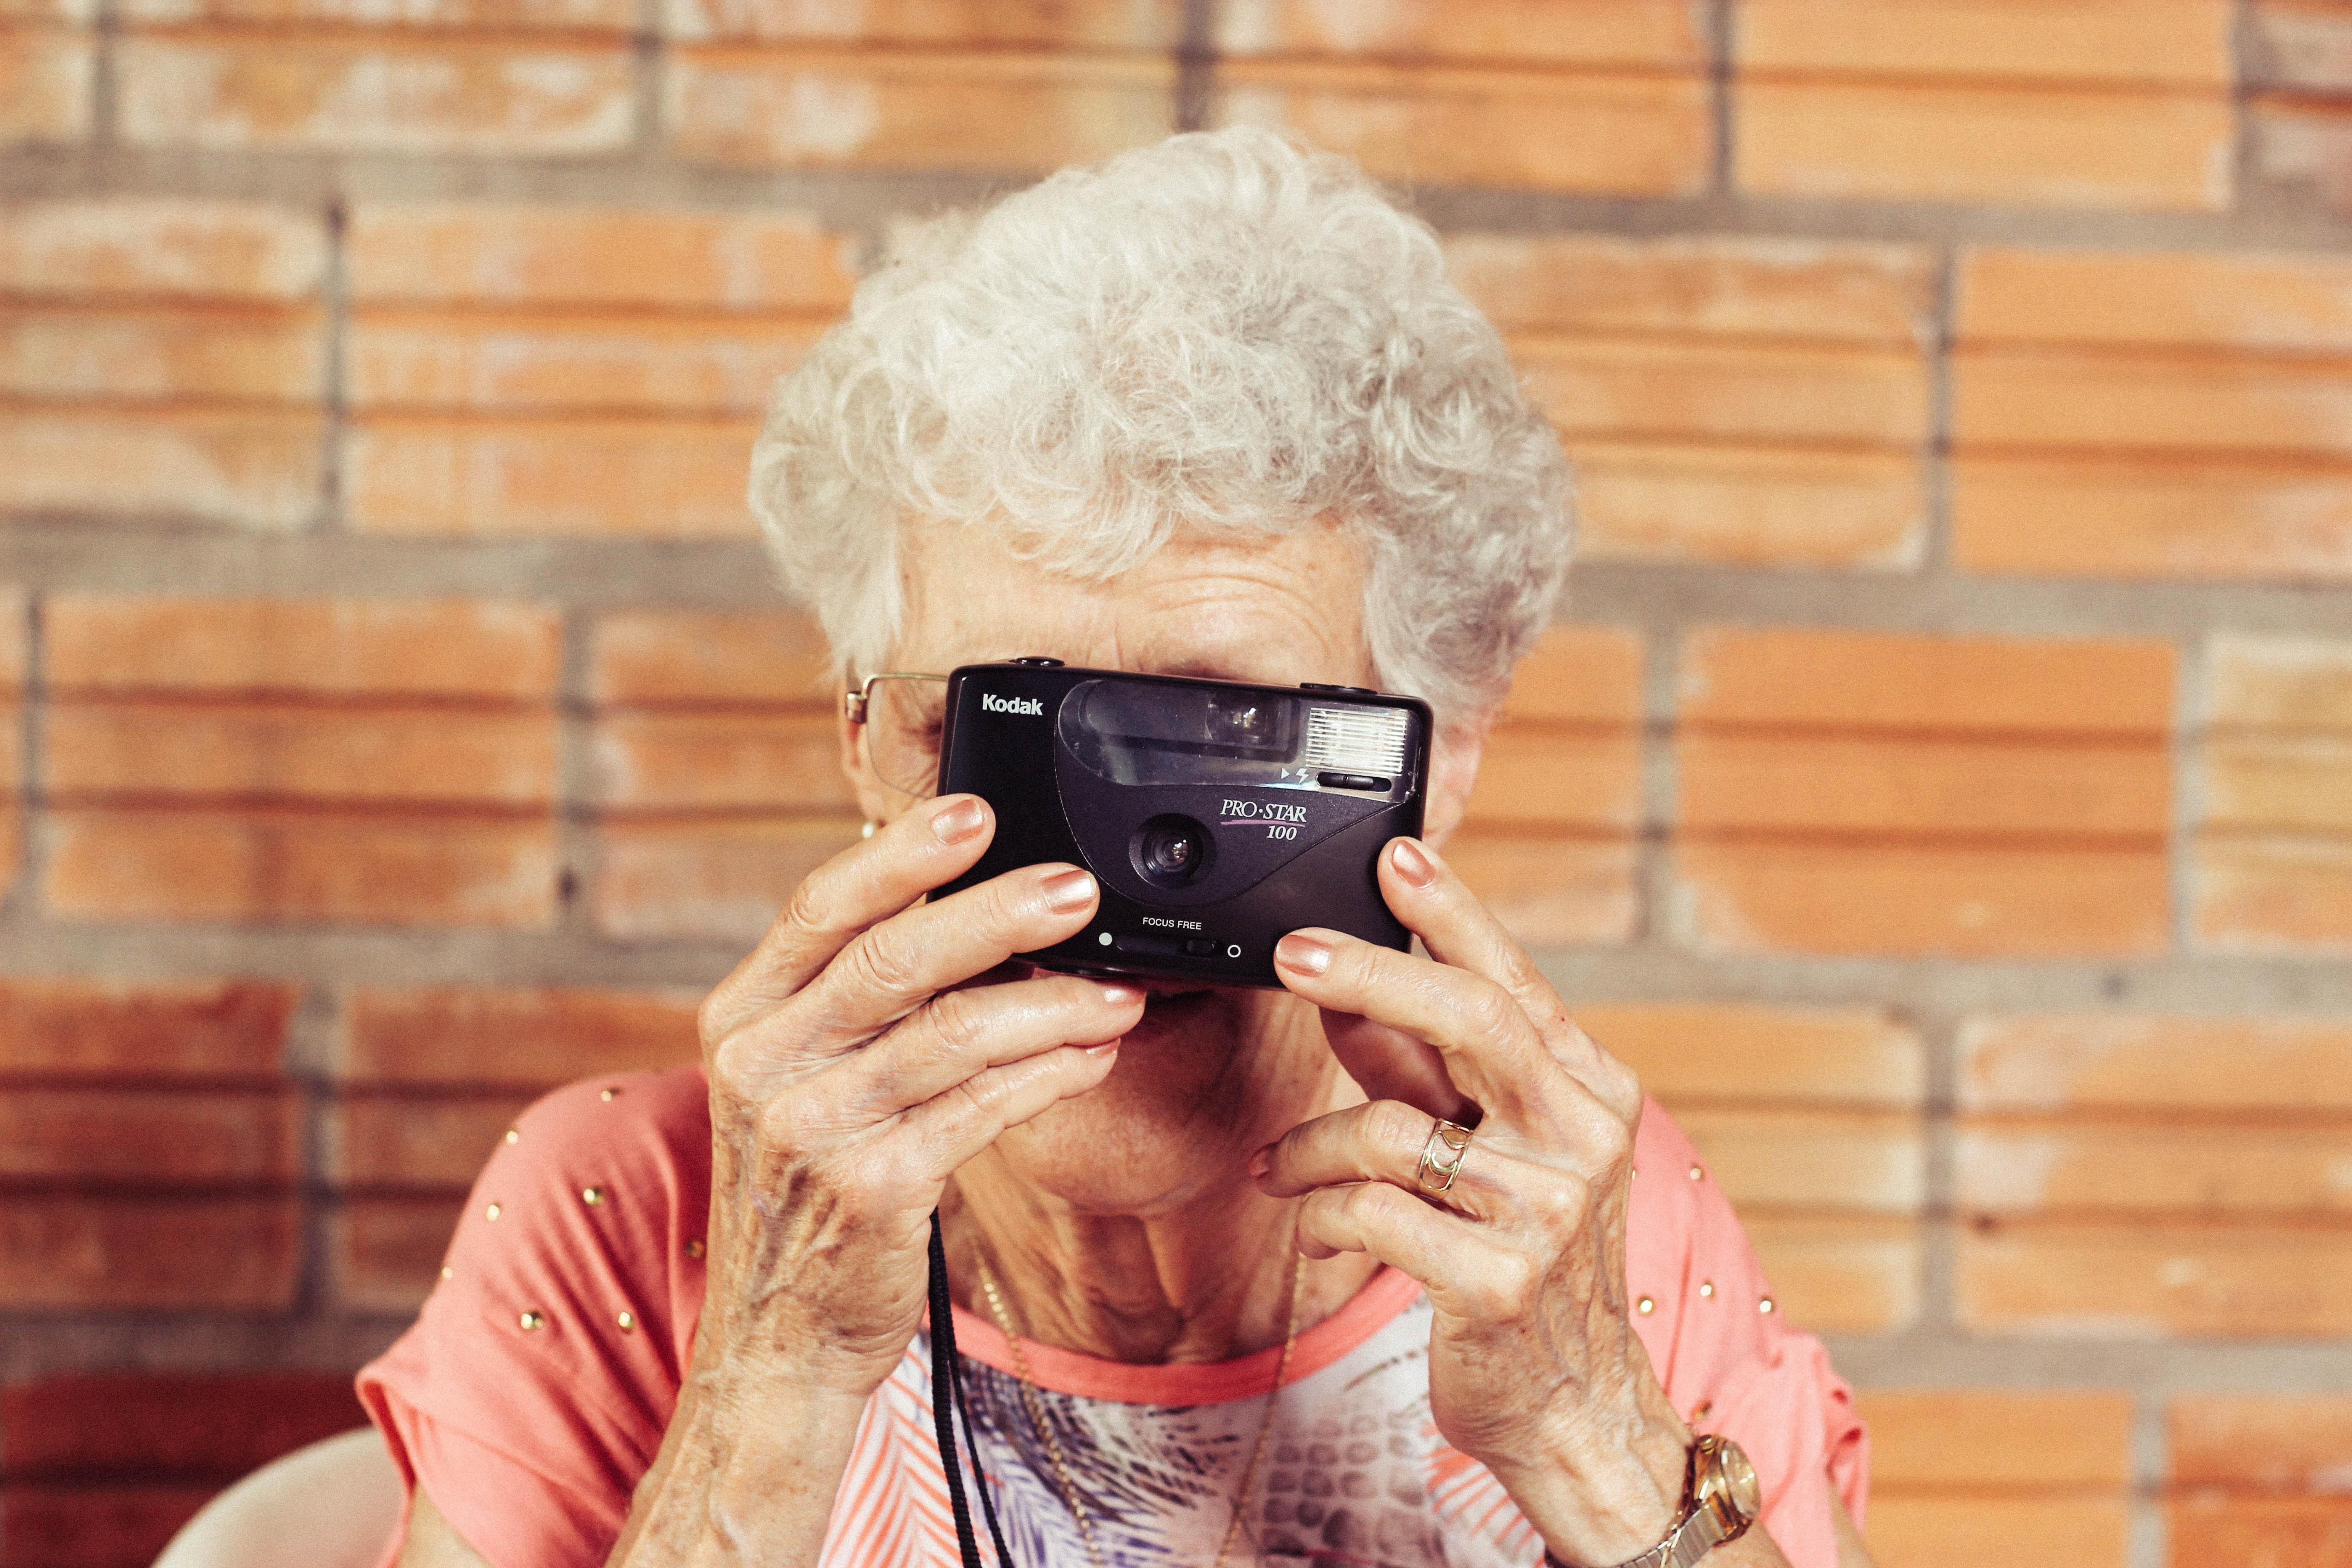 senior woman takes photo for facebook